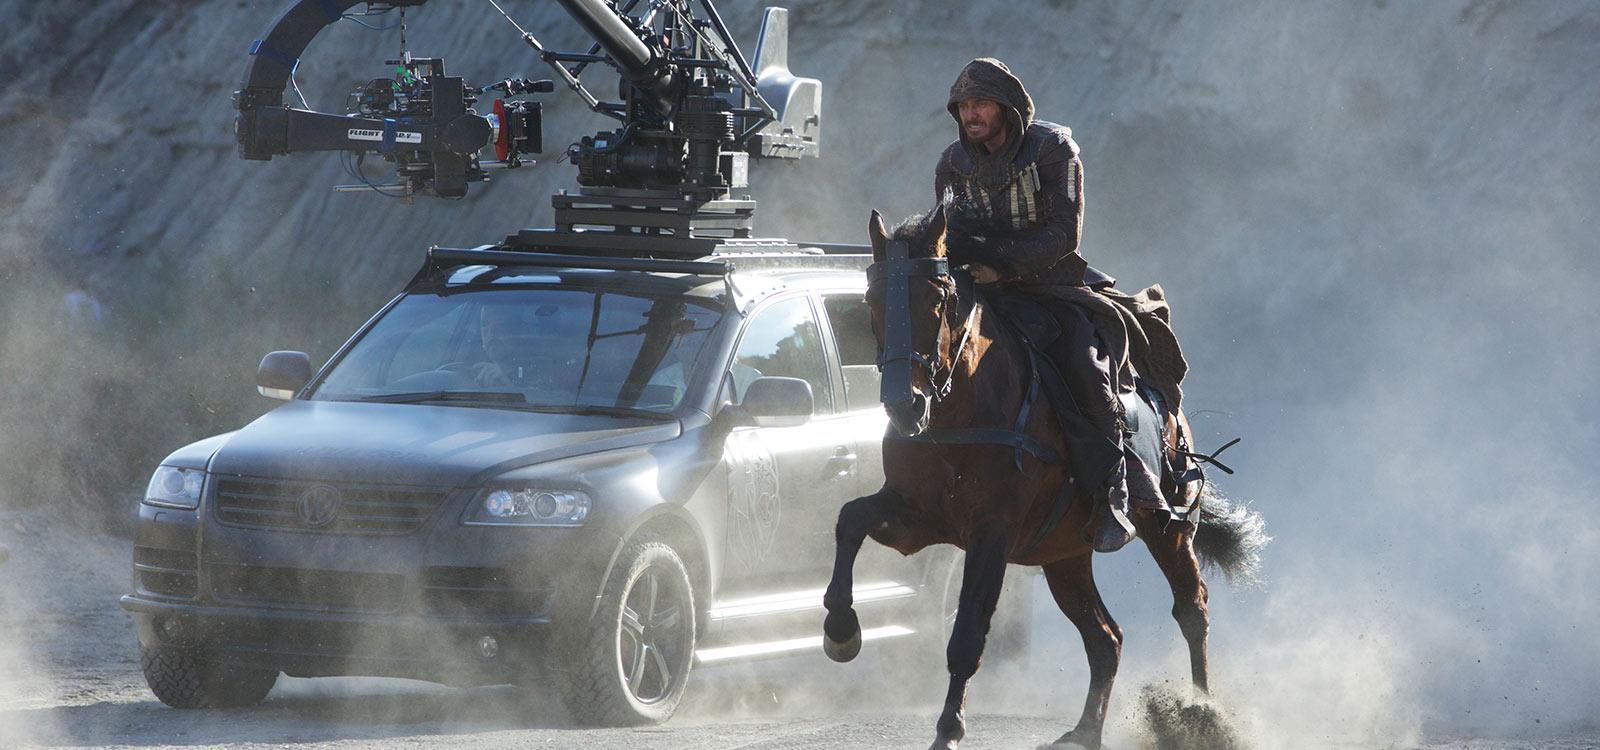 Dreharbeiten: Michael Fassbender auf der Flucht vor der Kamera